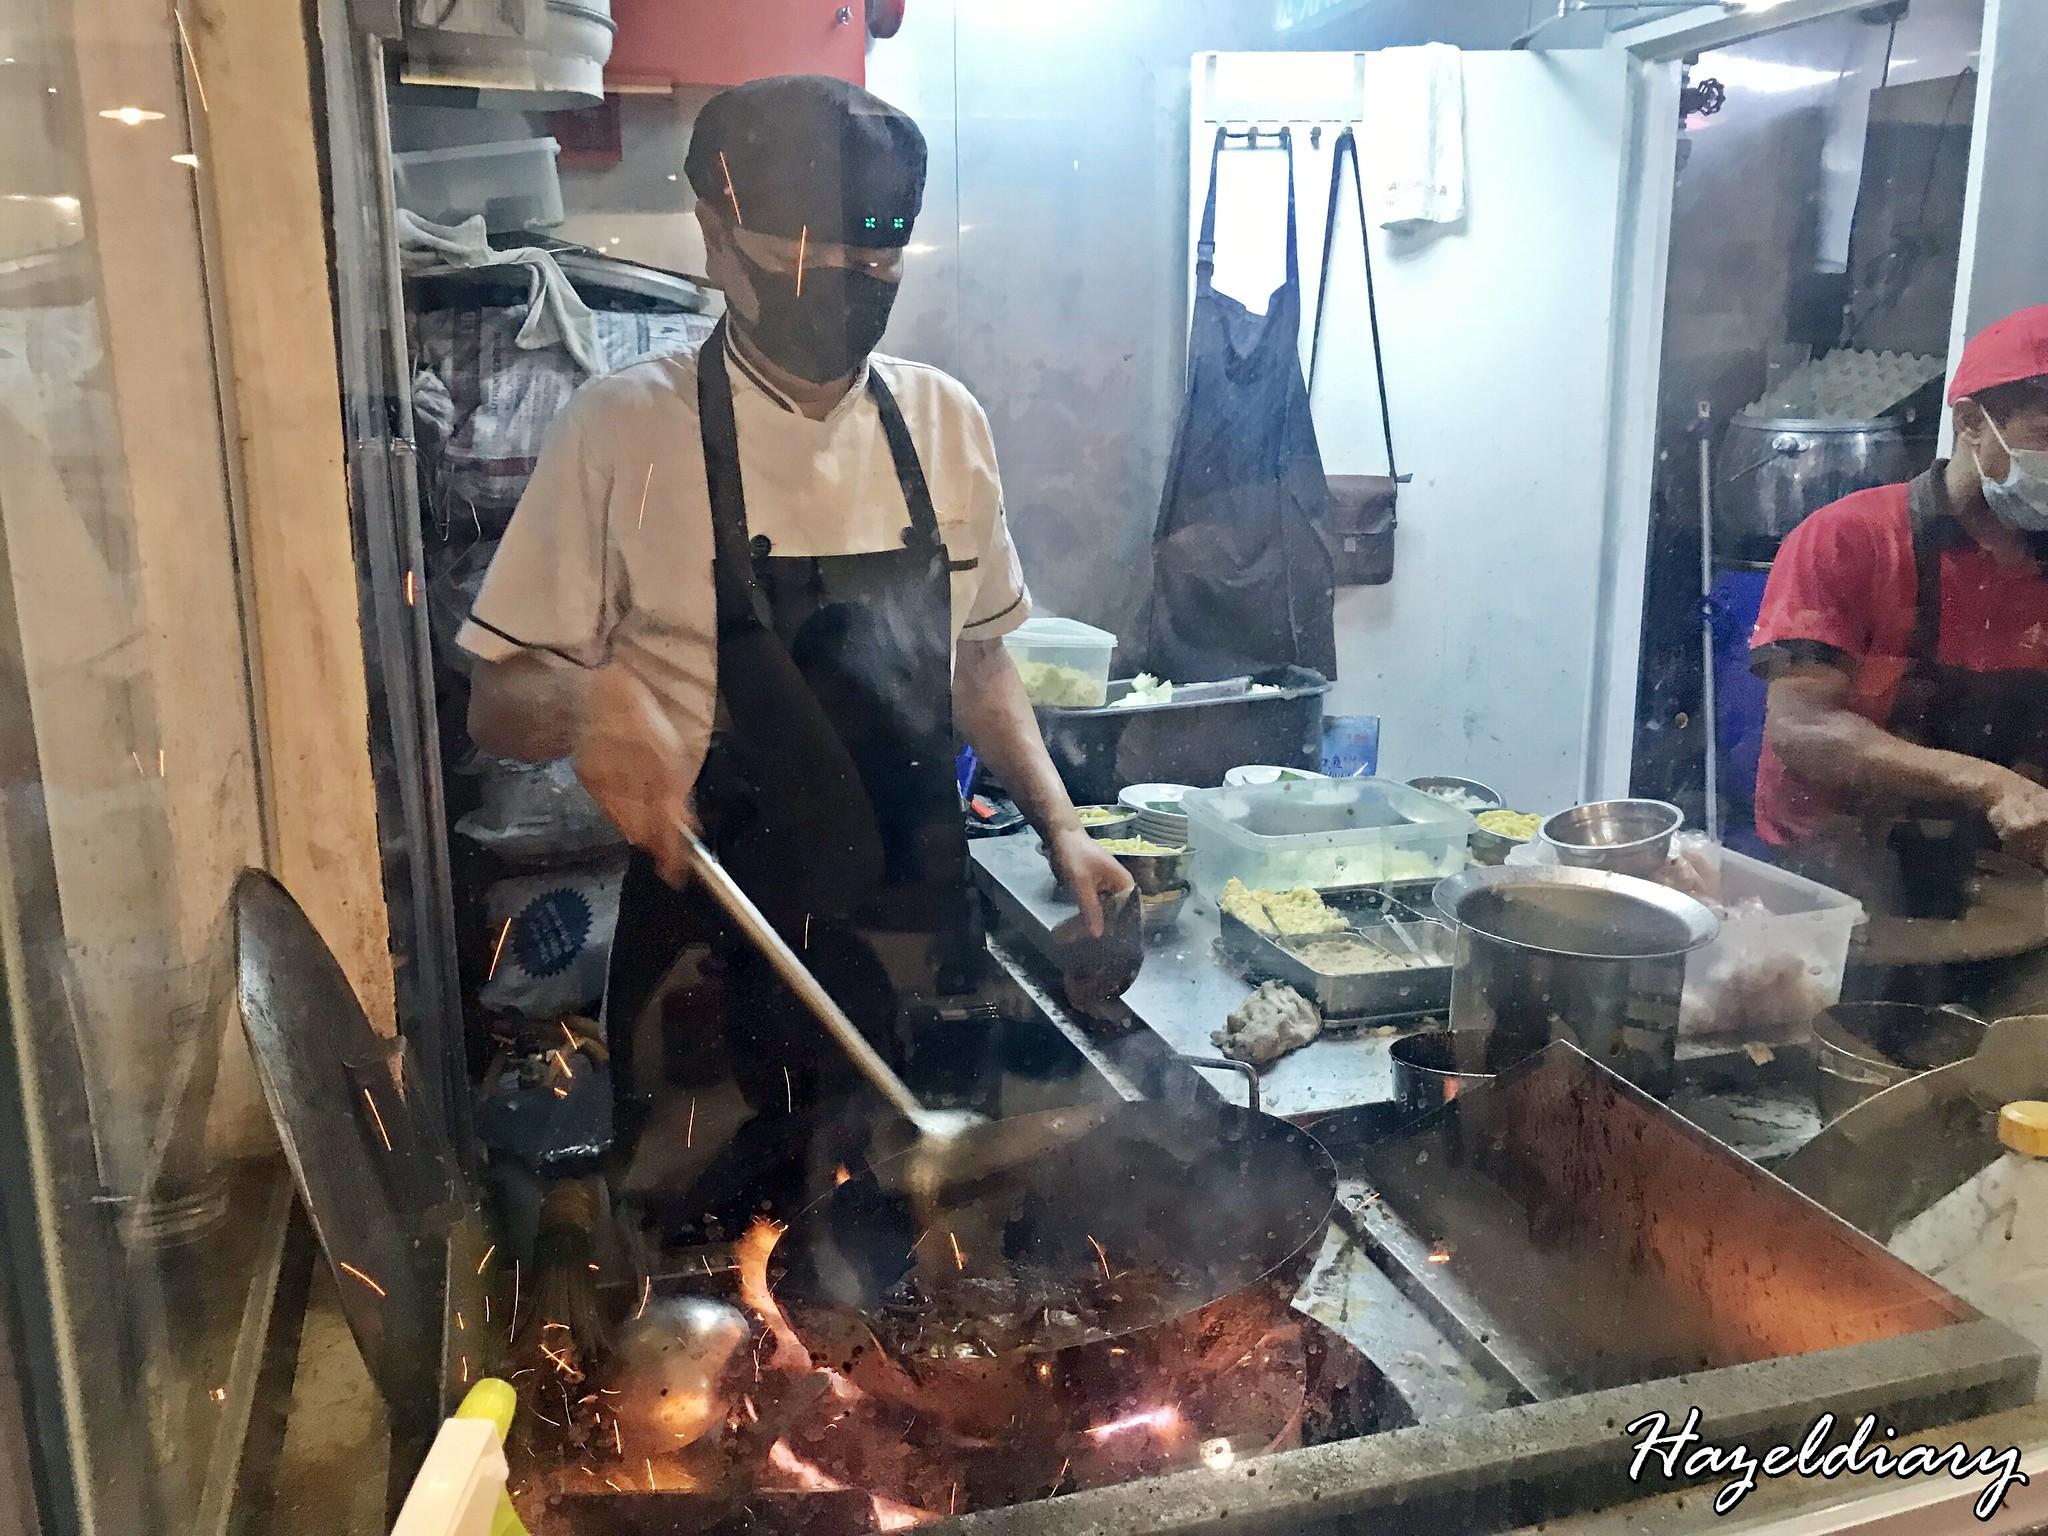 Kim Lian Kee Black Hokkien Mee-Midvalley Southkey Johor Bahru